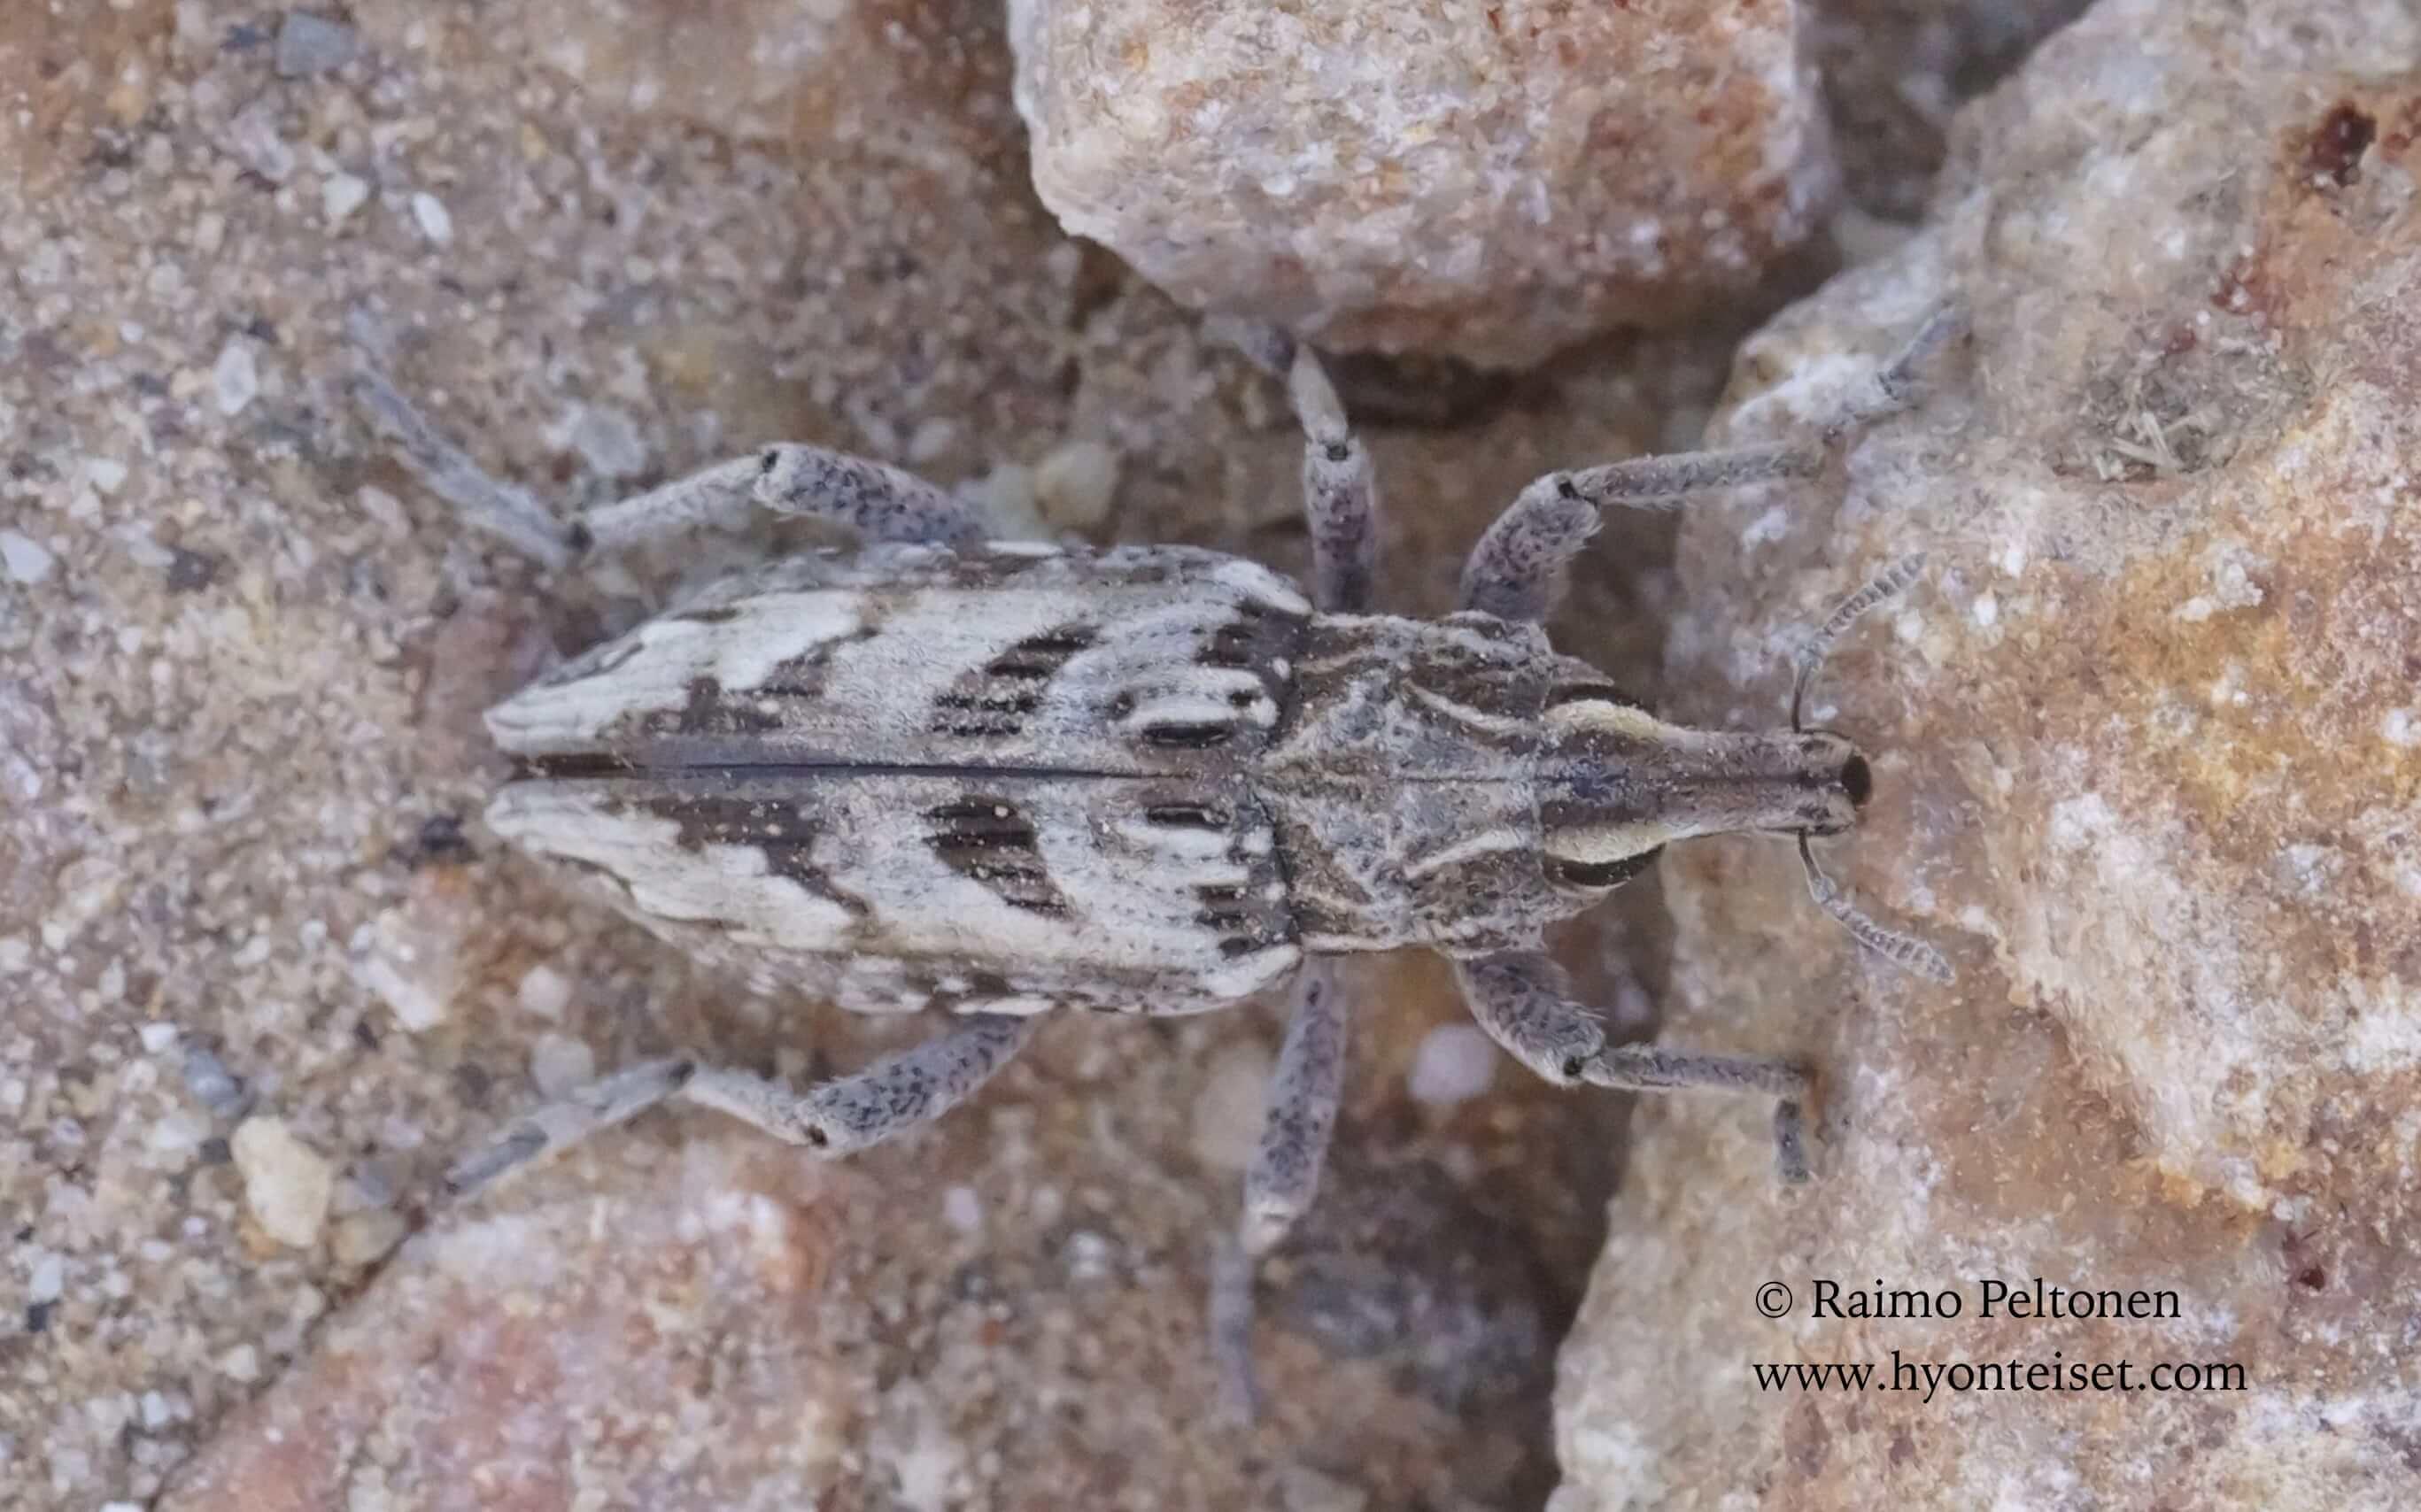 Coniocleonus excoriatus (Curculionidae), 5.11.2017 Espanja